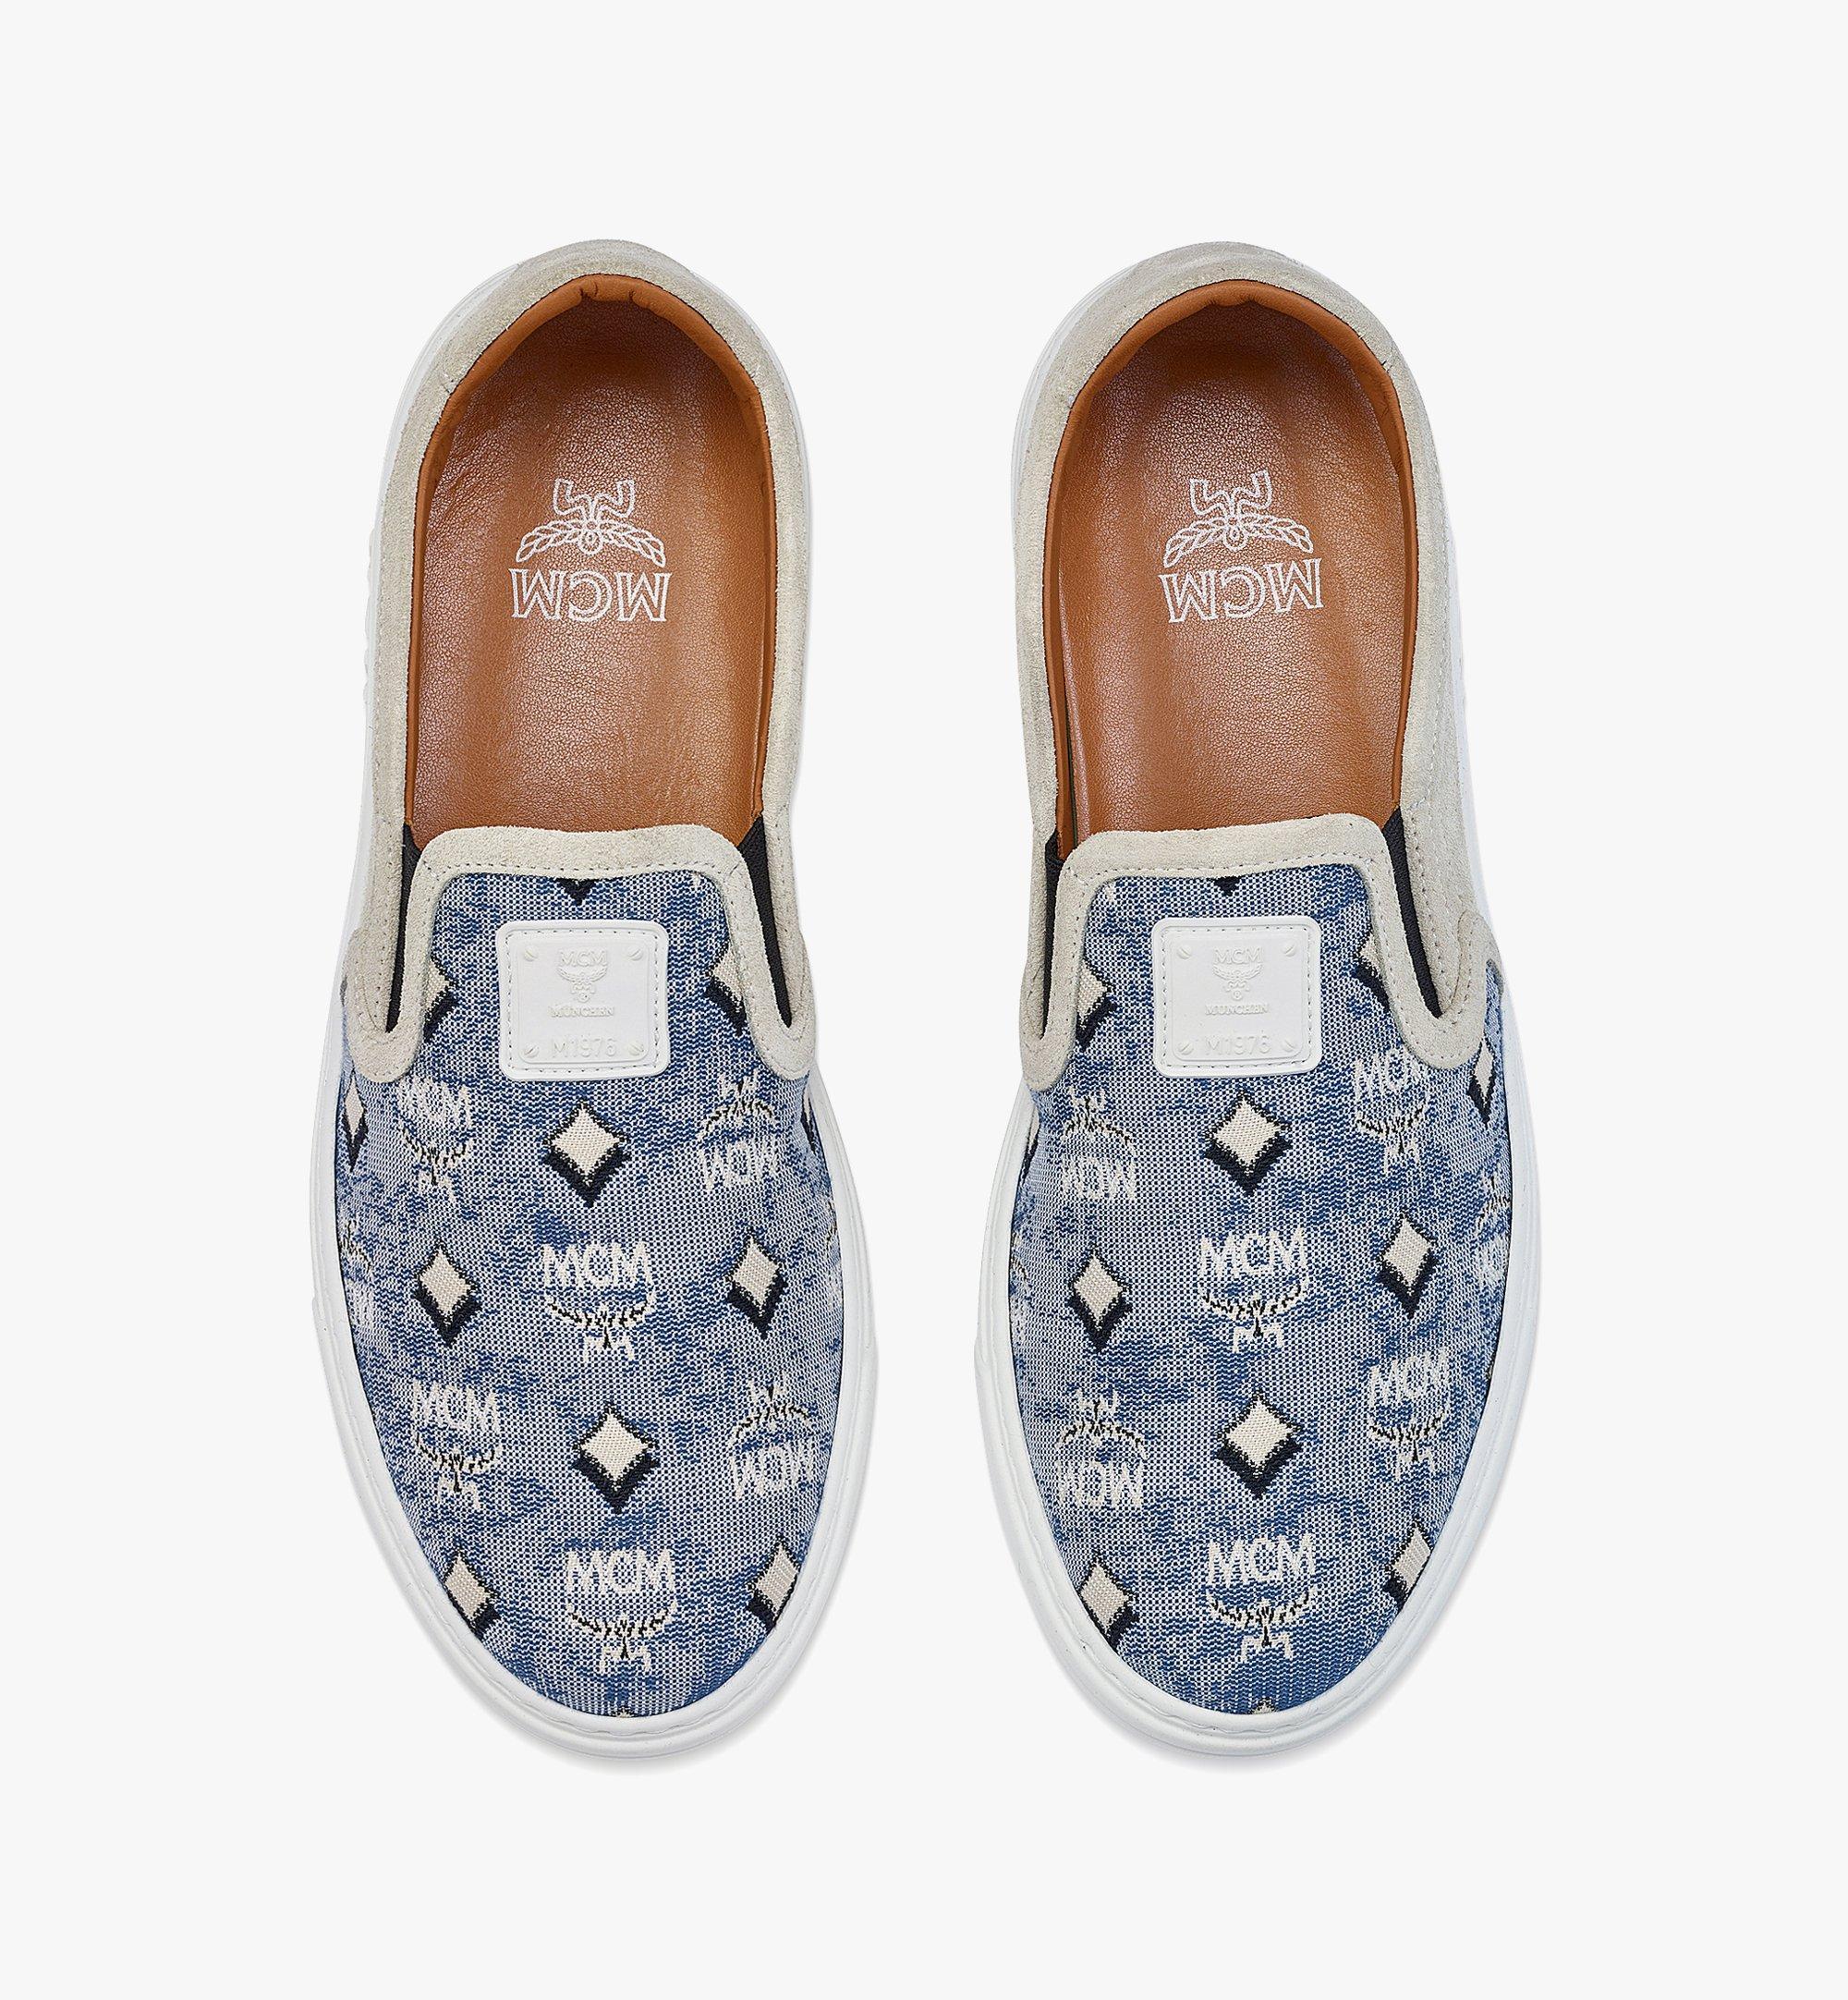 MCM Women's Slip-on Sneakers in Vintage Jacquard Monogram Blue MESBATQ05LU036 Alternate View 4